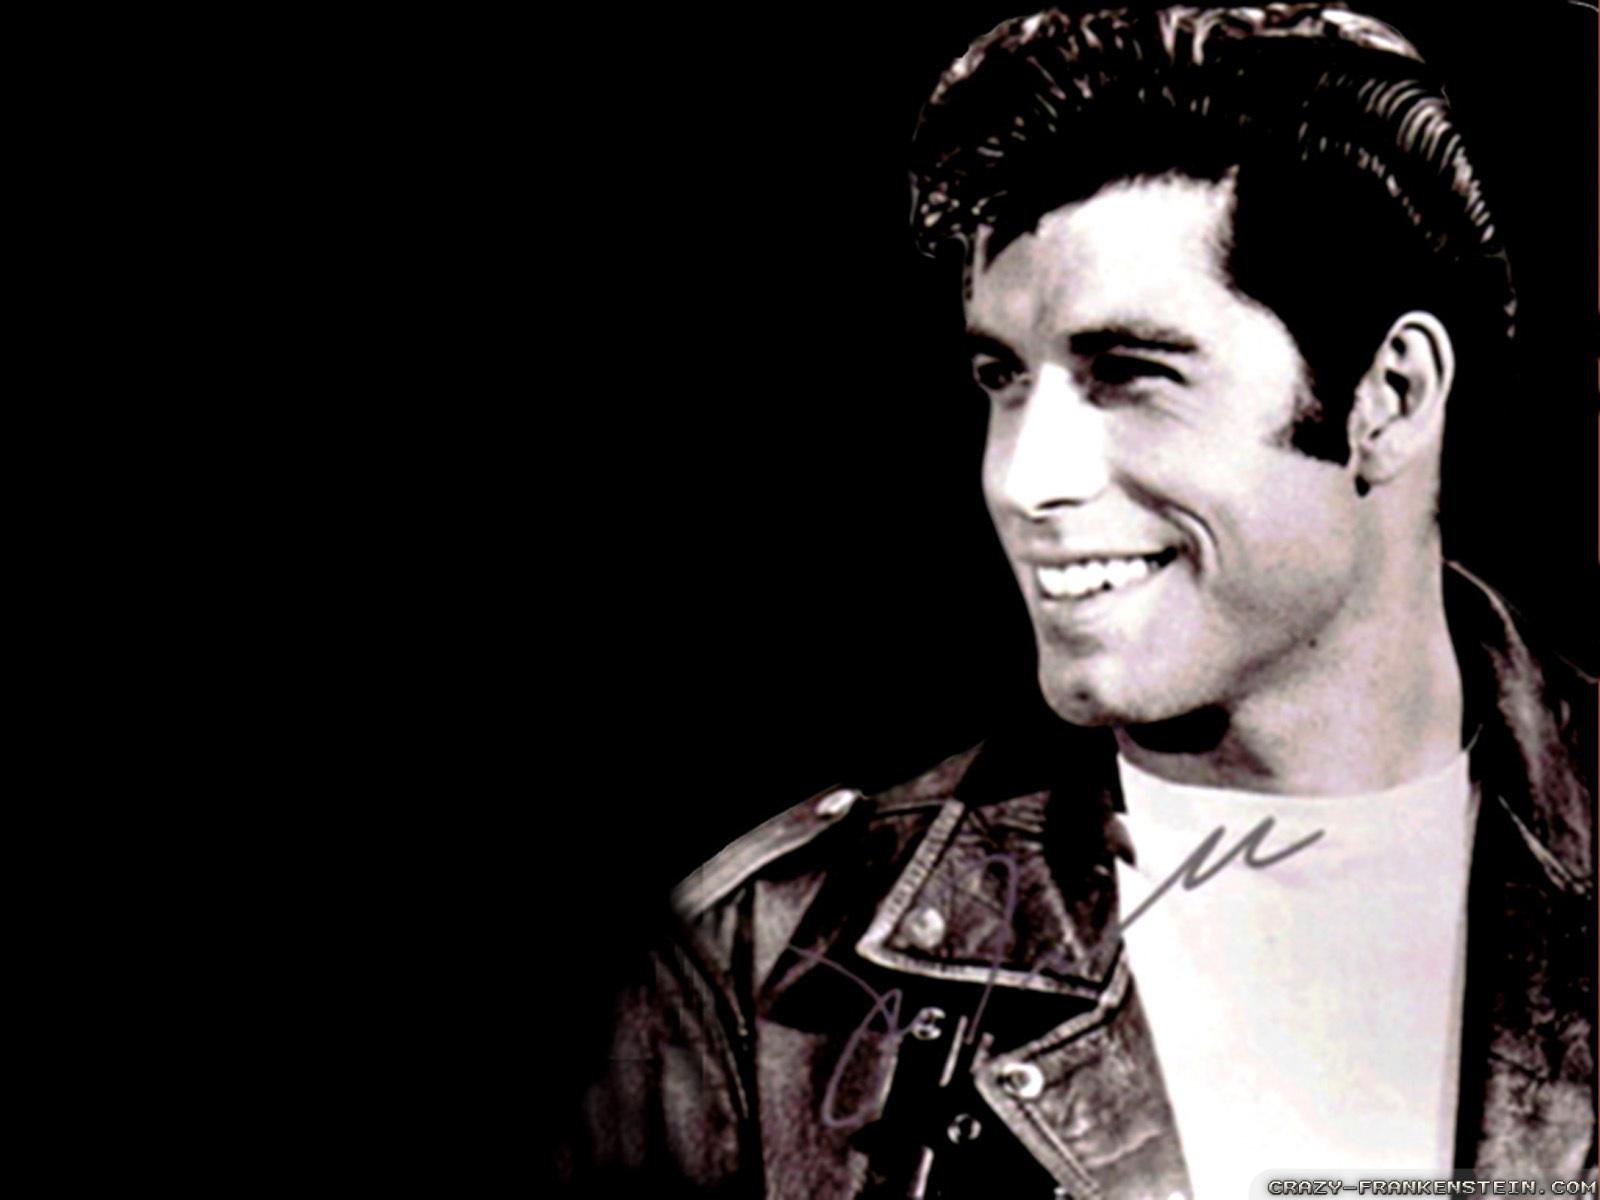 original wallpaper download: Popular Actor John Travolta - 1600x1200